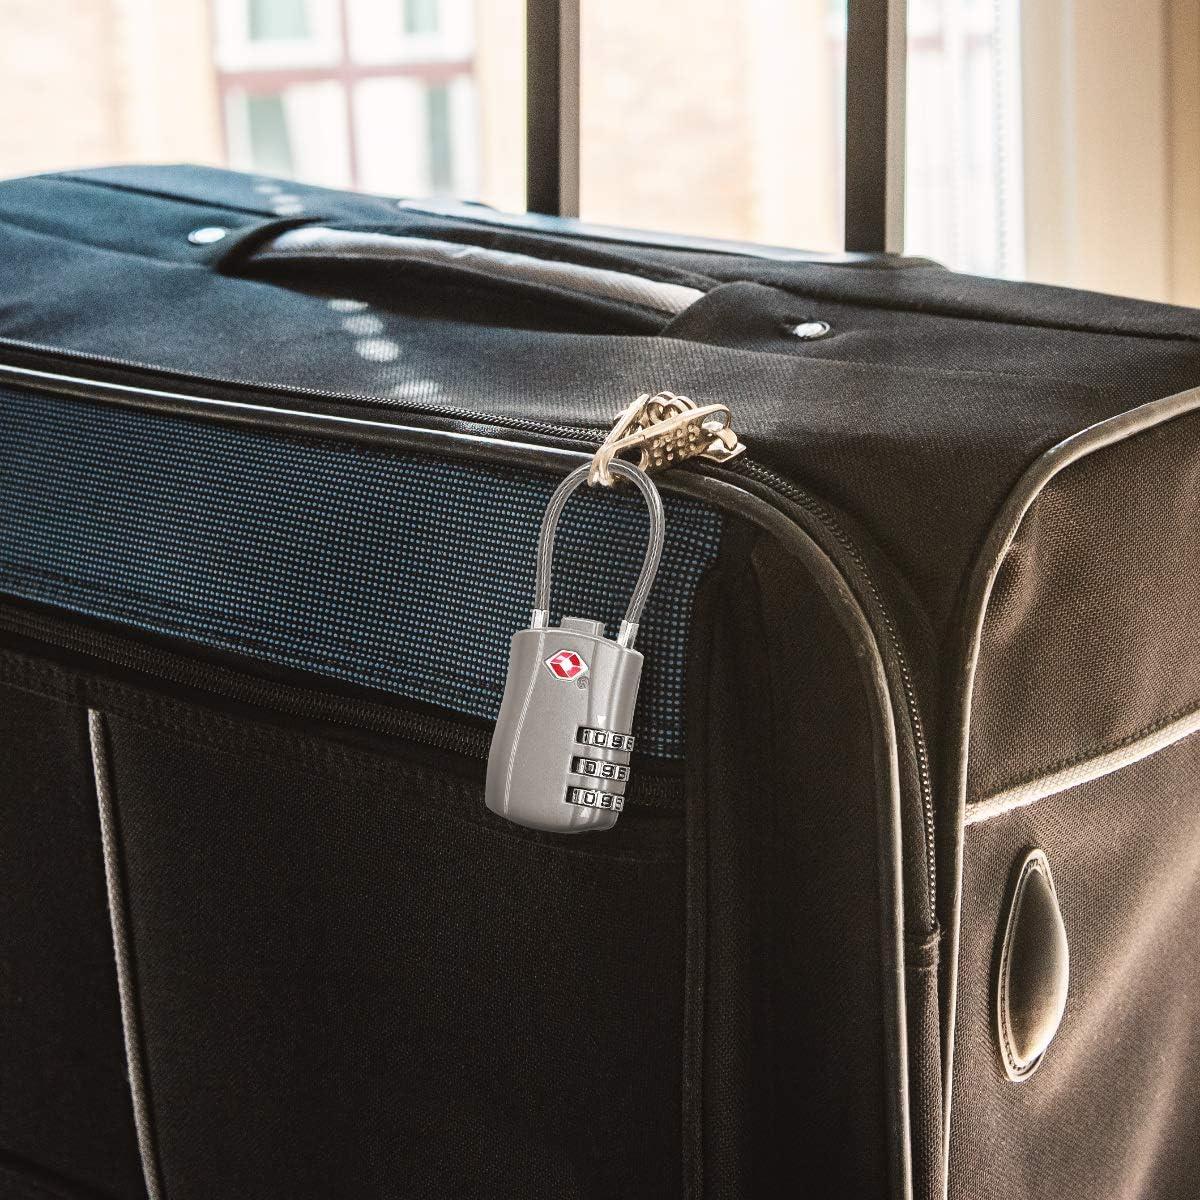 kwmobile 2er Set TSA Schloss mit Zahlencode Zahlenschloss USA Reise Gep/äckschloss in Silber 2X Kofferschloss Reiseschloss f/ür Koffer Rucksack